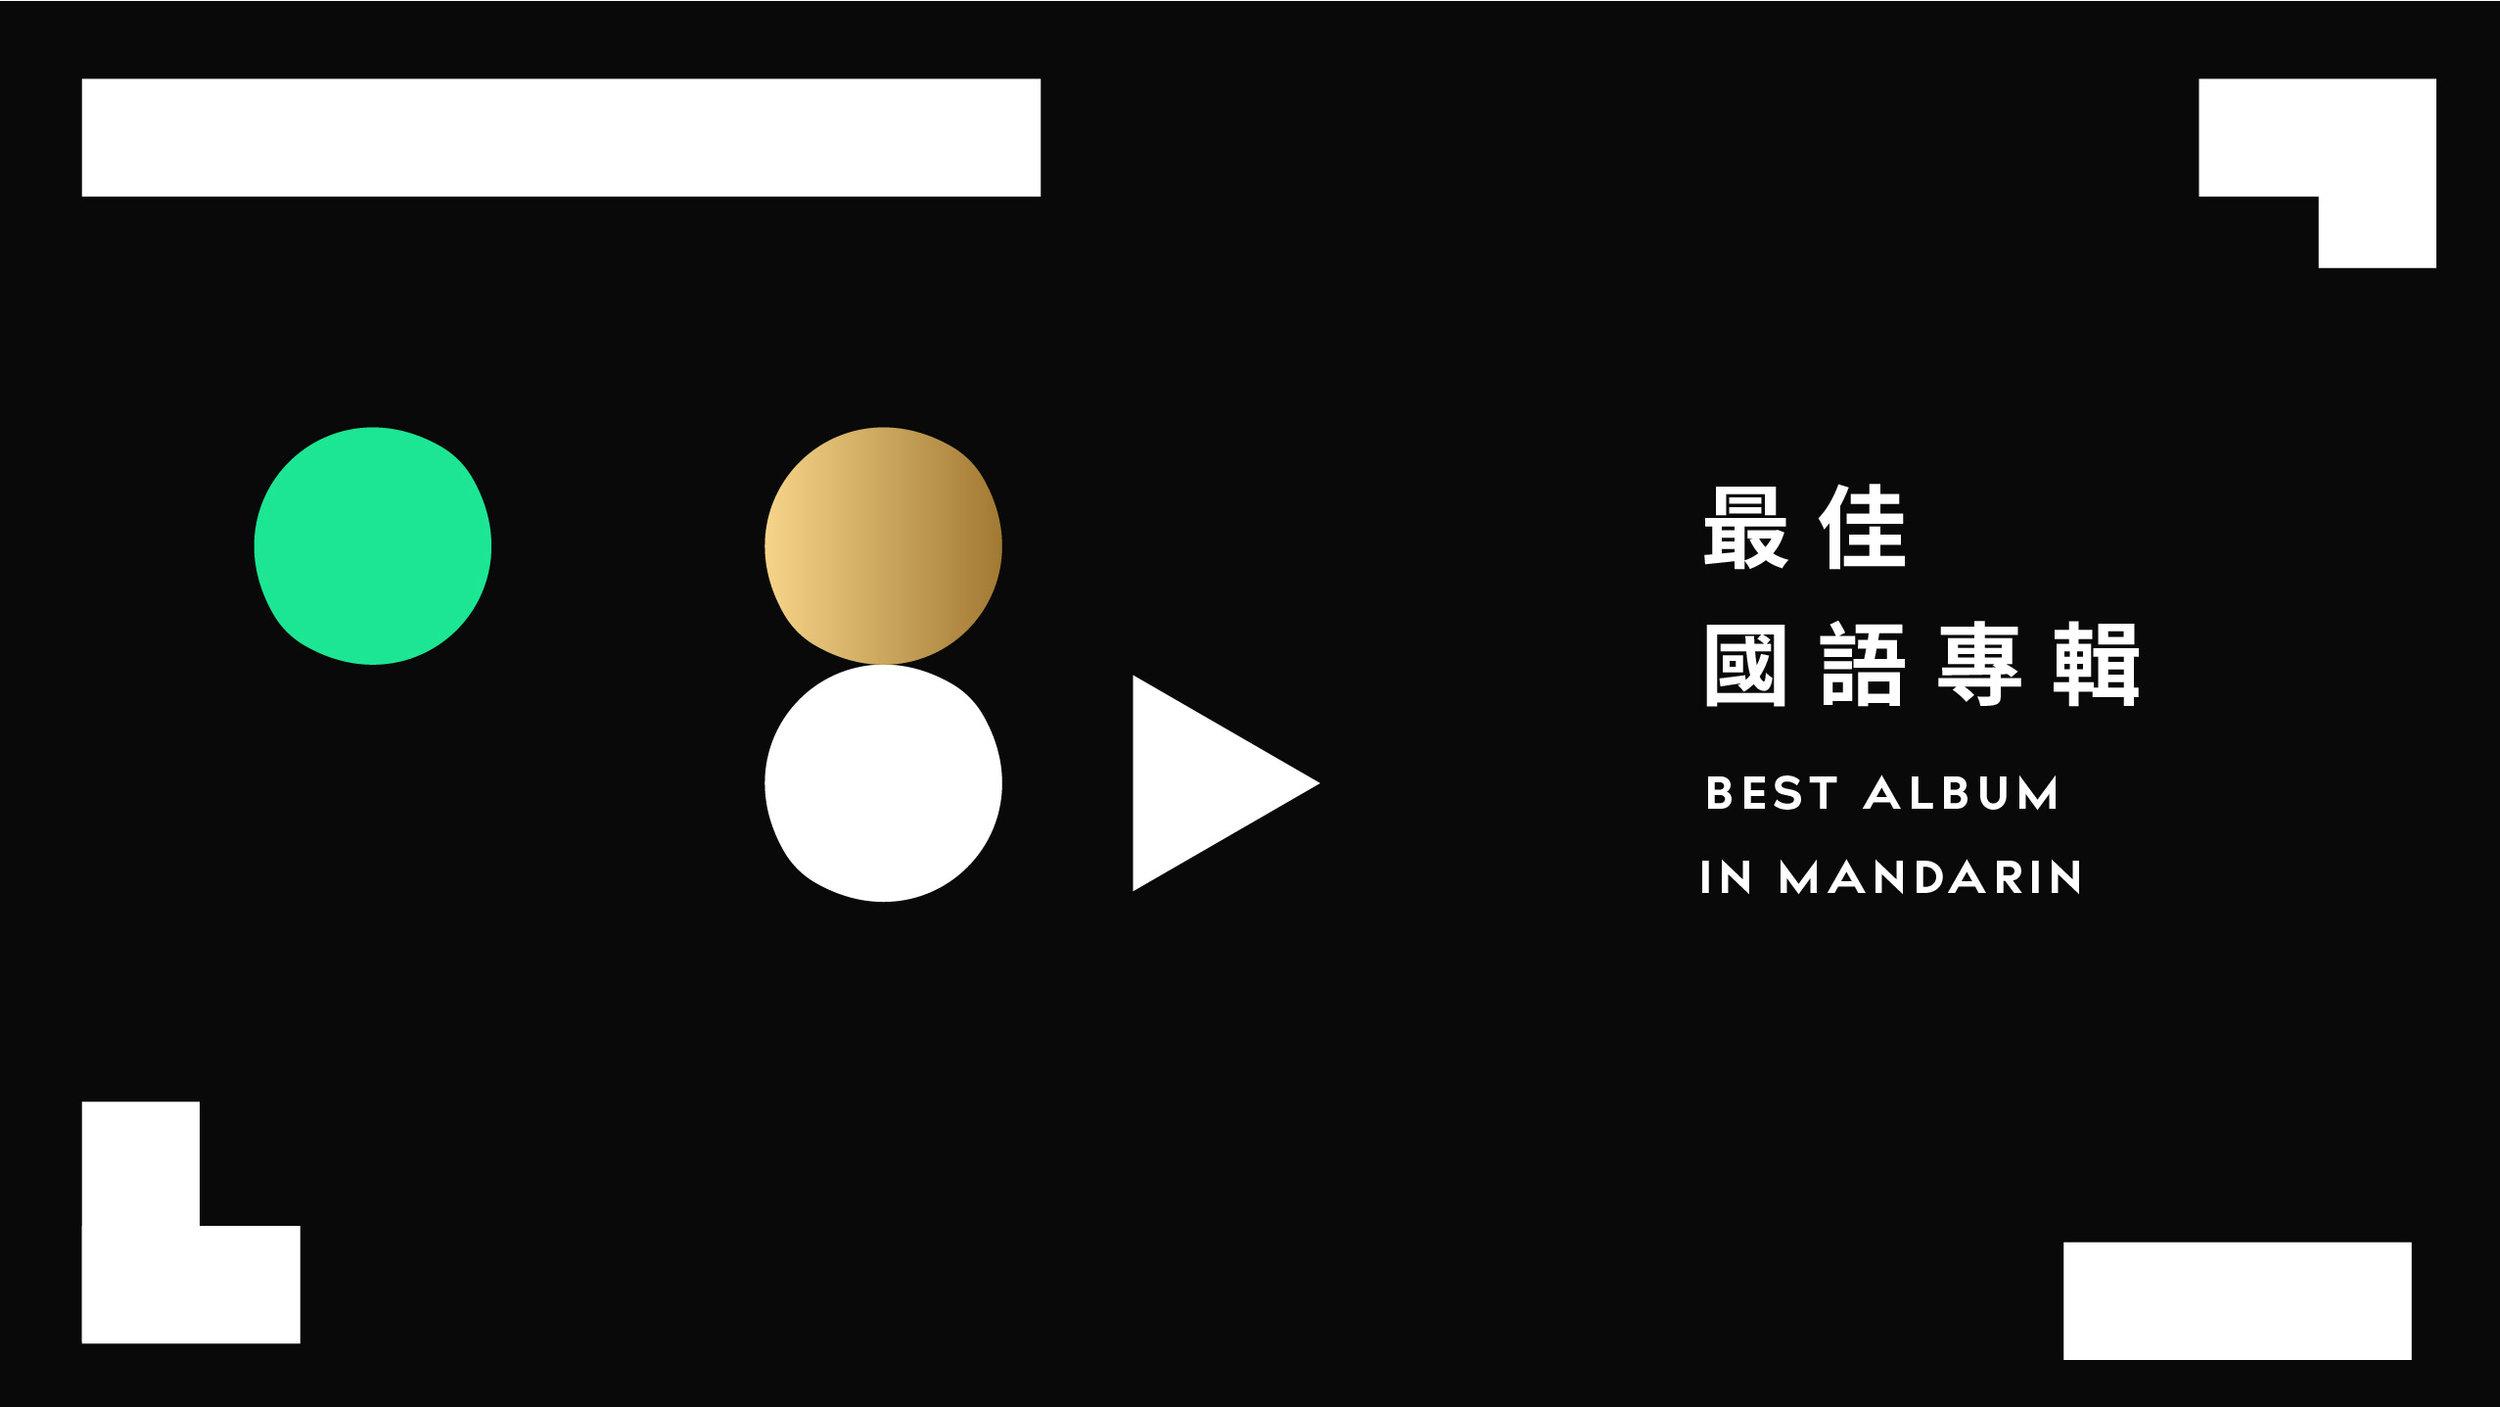 最佳國語專輯-06.jpg